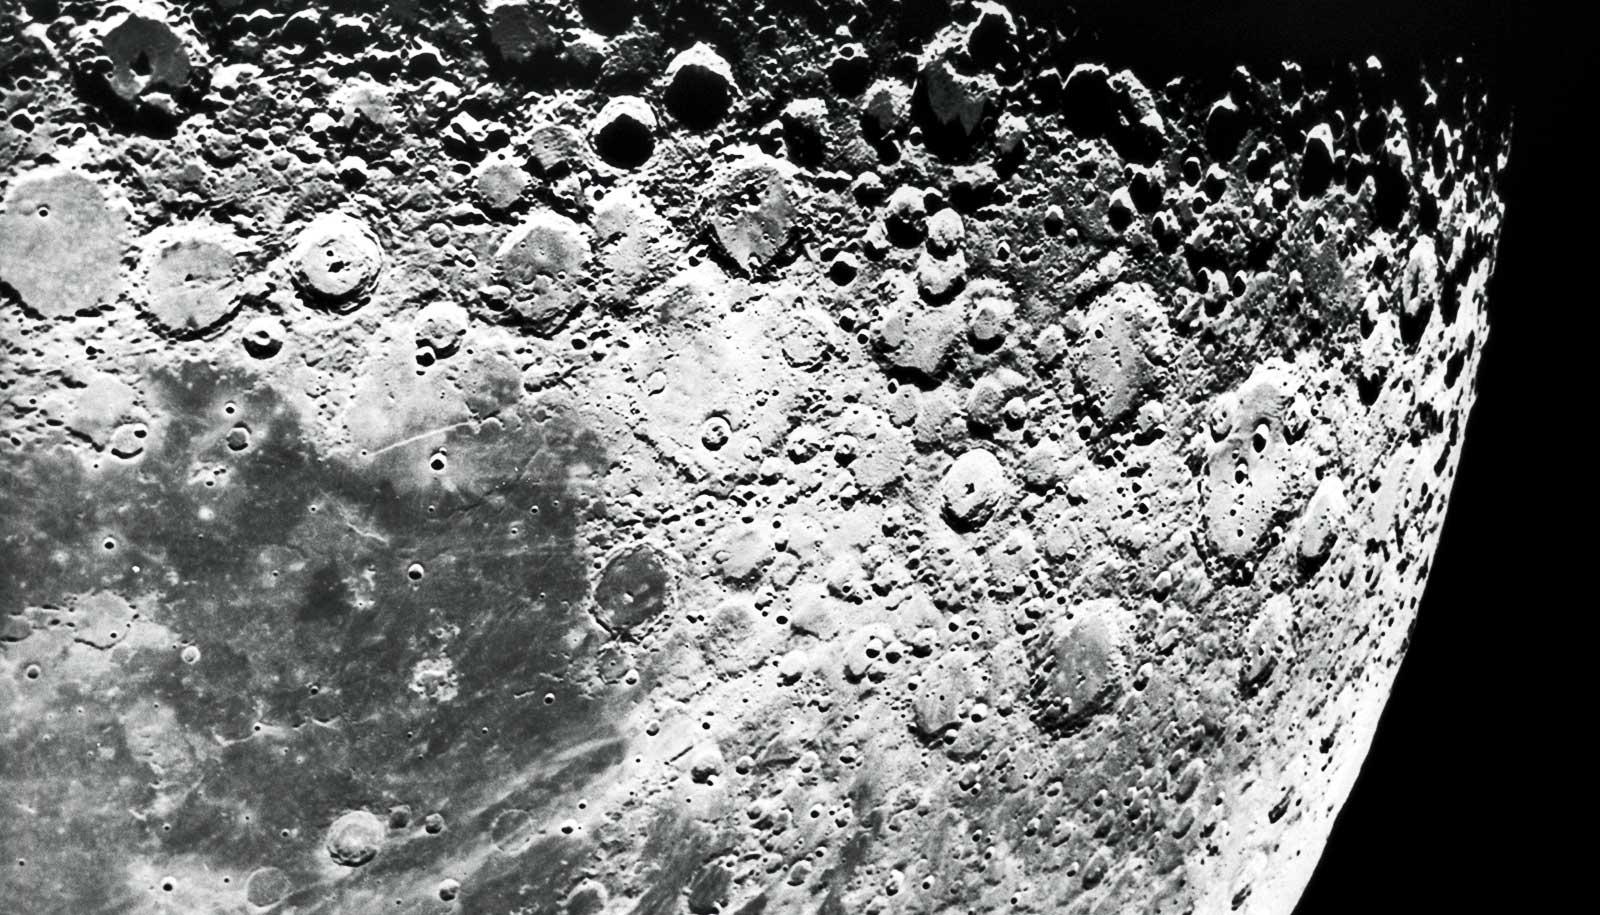 La Luna tiene muchos más cráteres de los que pensábamos.